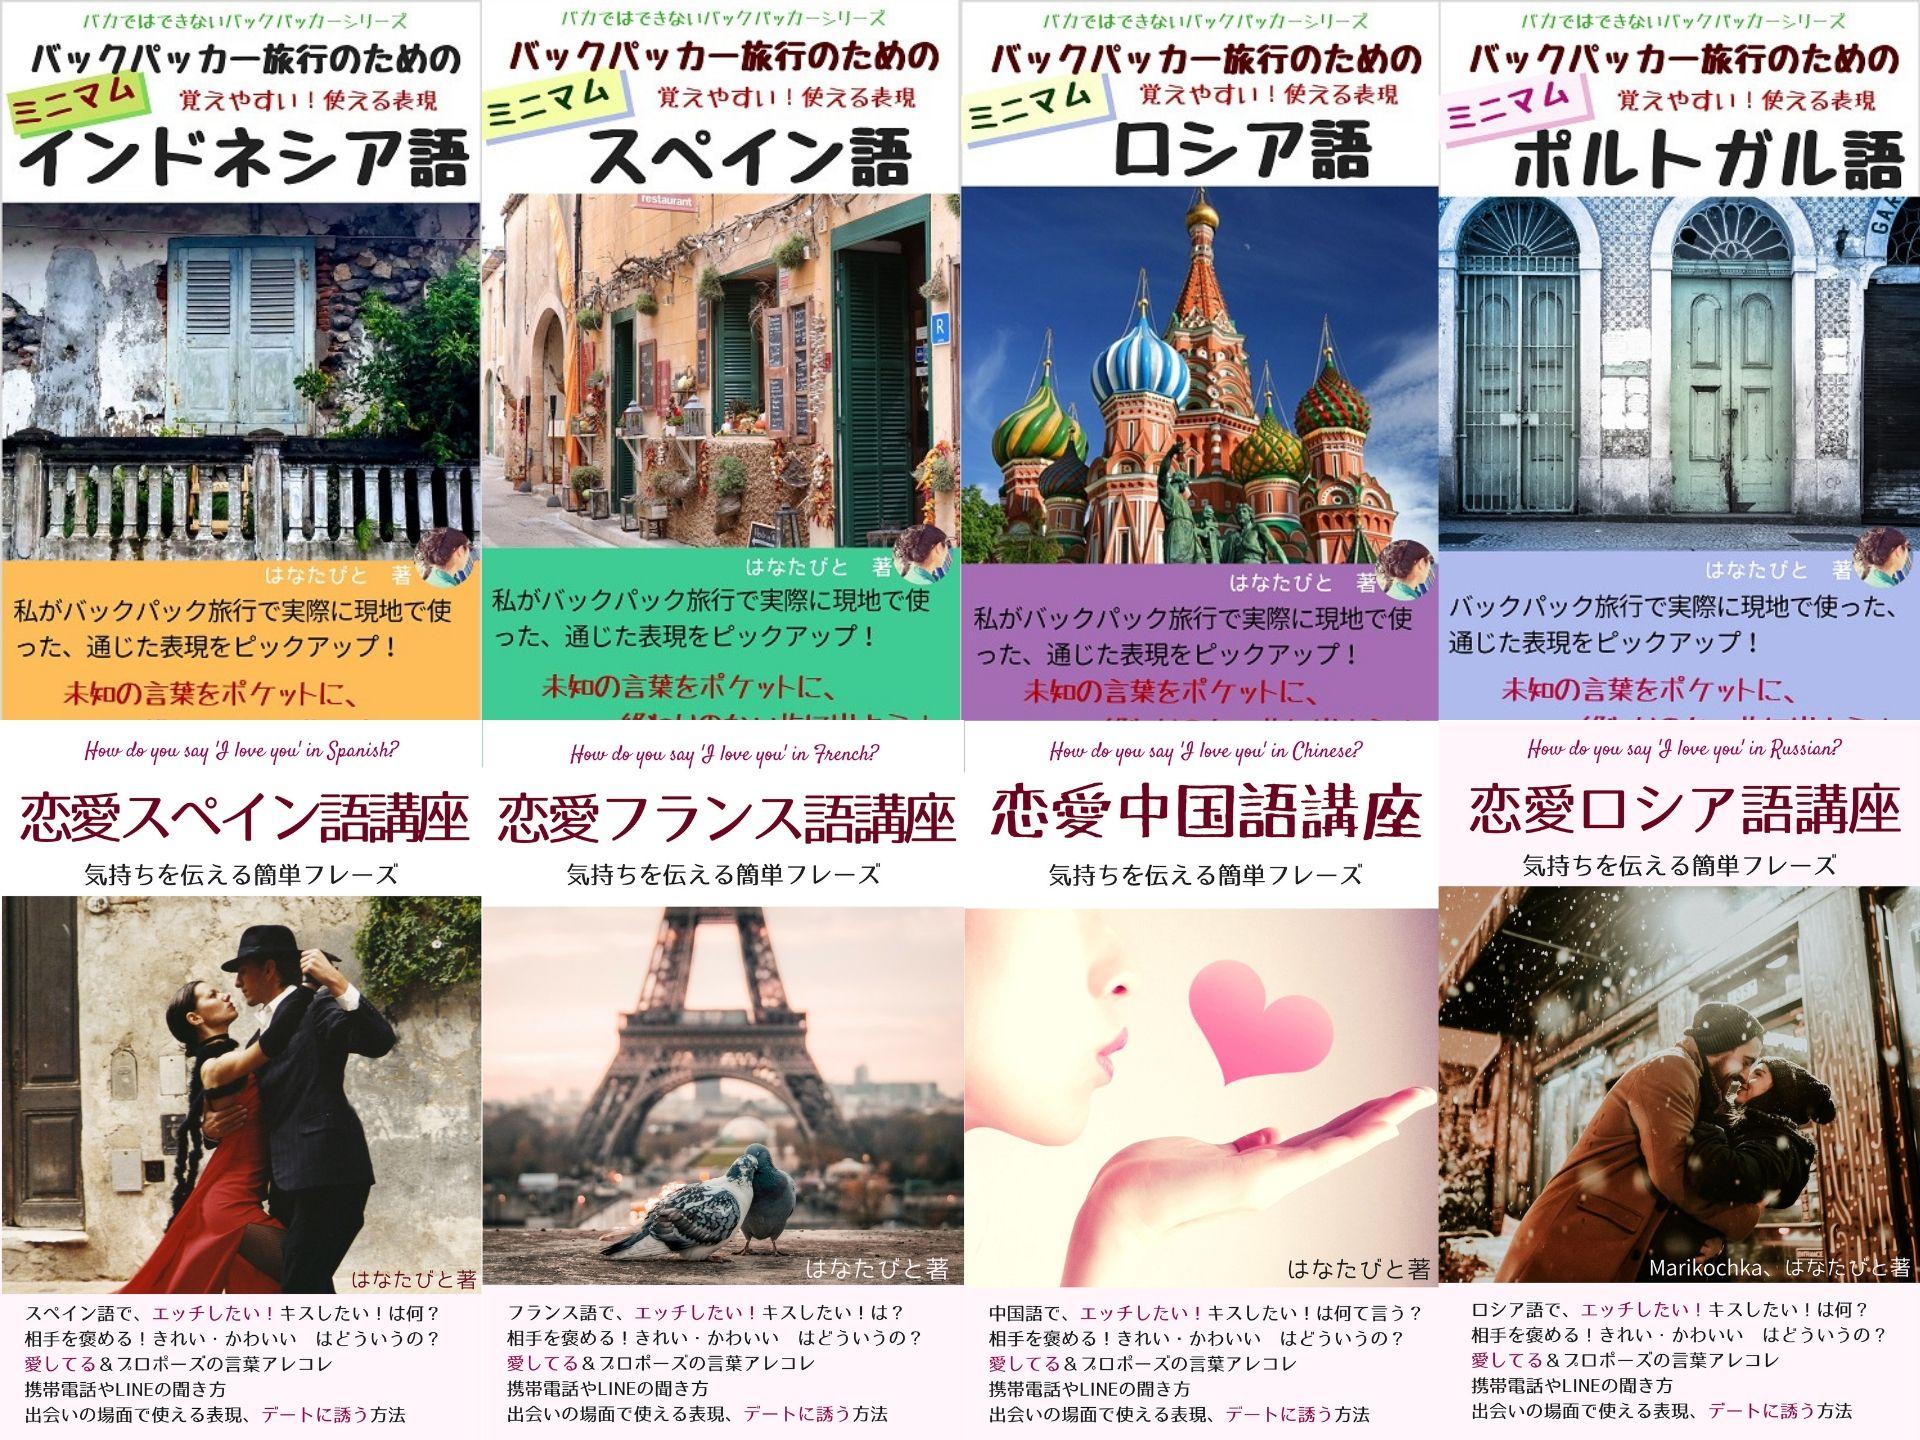 語学マニア外国語書籍